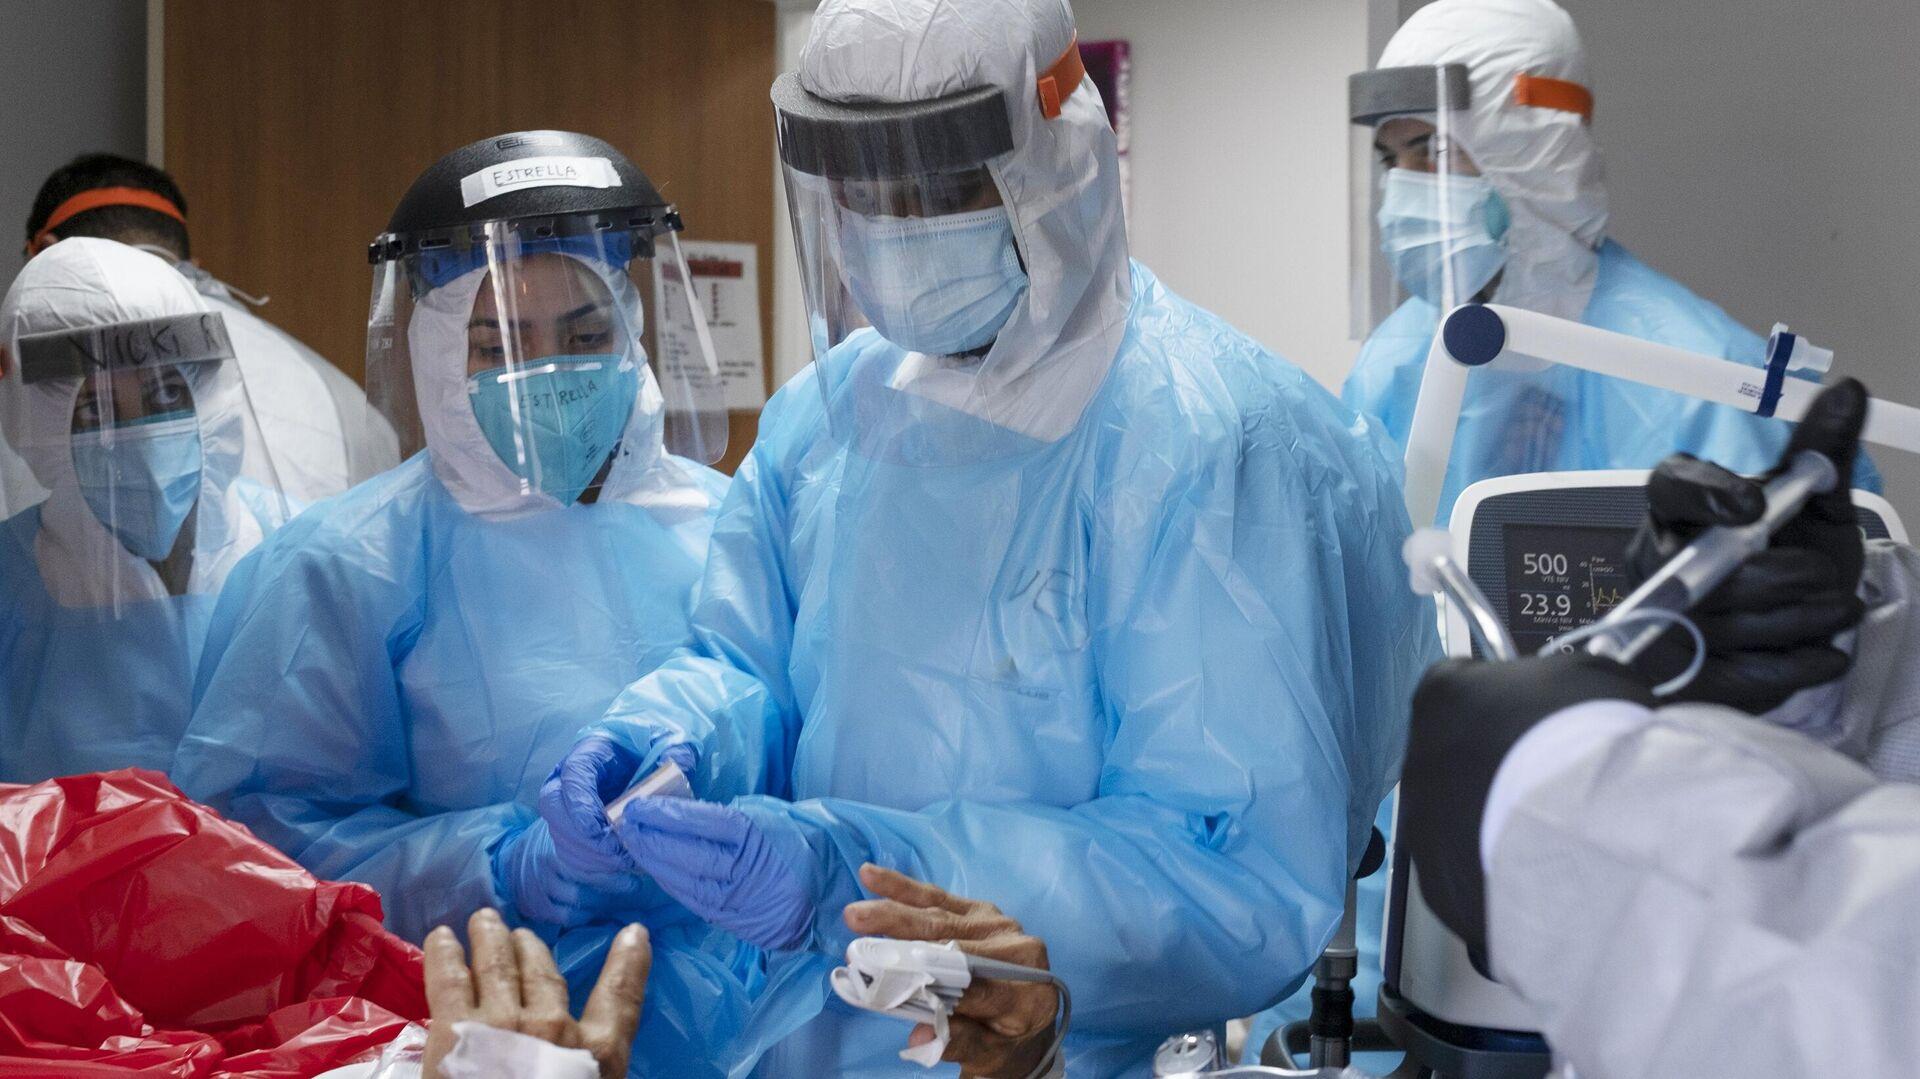 Названы четыре ранних симптома заражения коронавирусом - РИА Новости,  20.11.2020